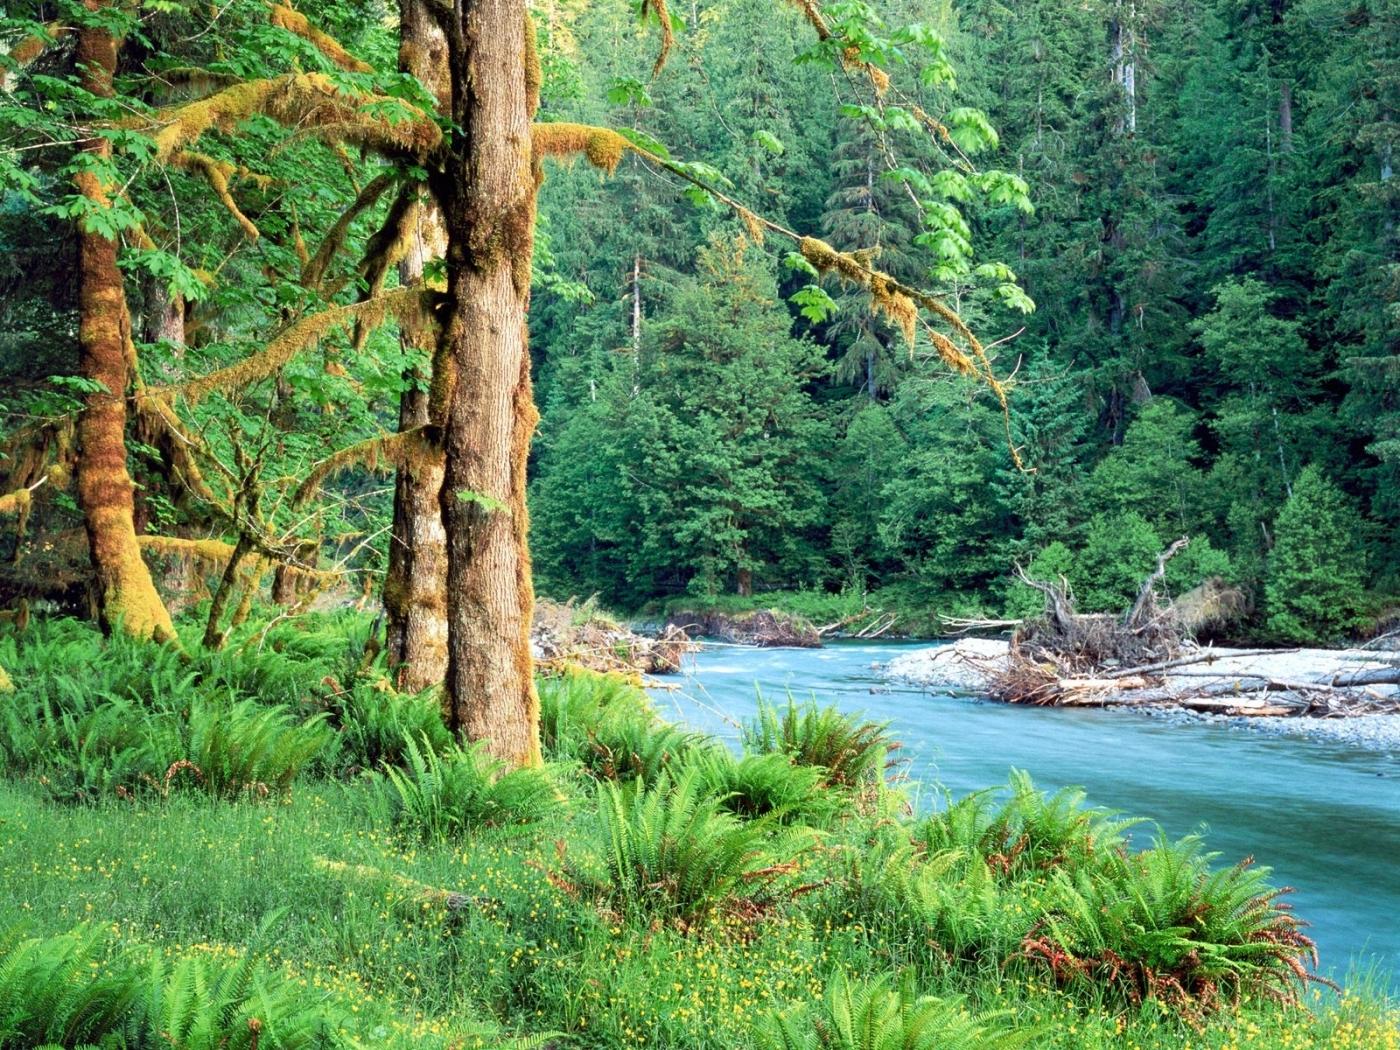 47237 скачать обои Пейзаж, Природа, Река - заставки и картинки бесплатно